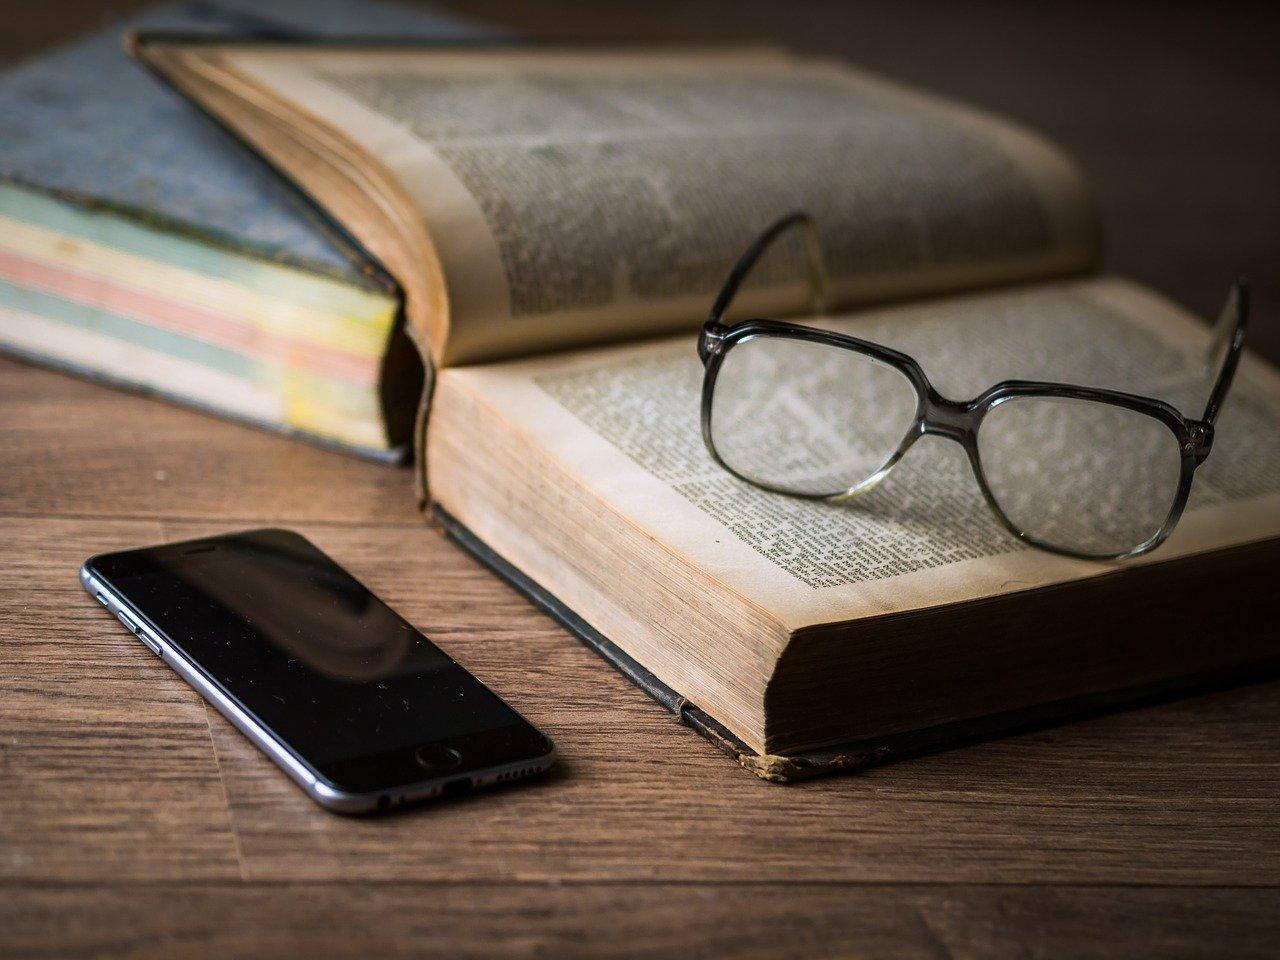 本の上に置かれたメガネとスマホ